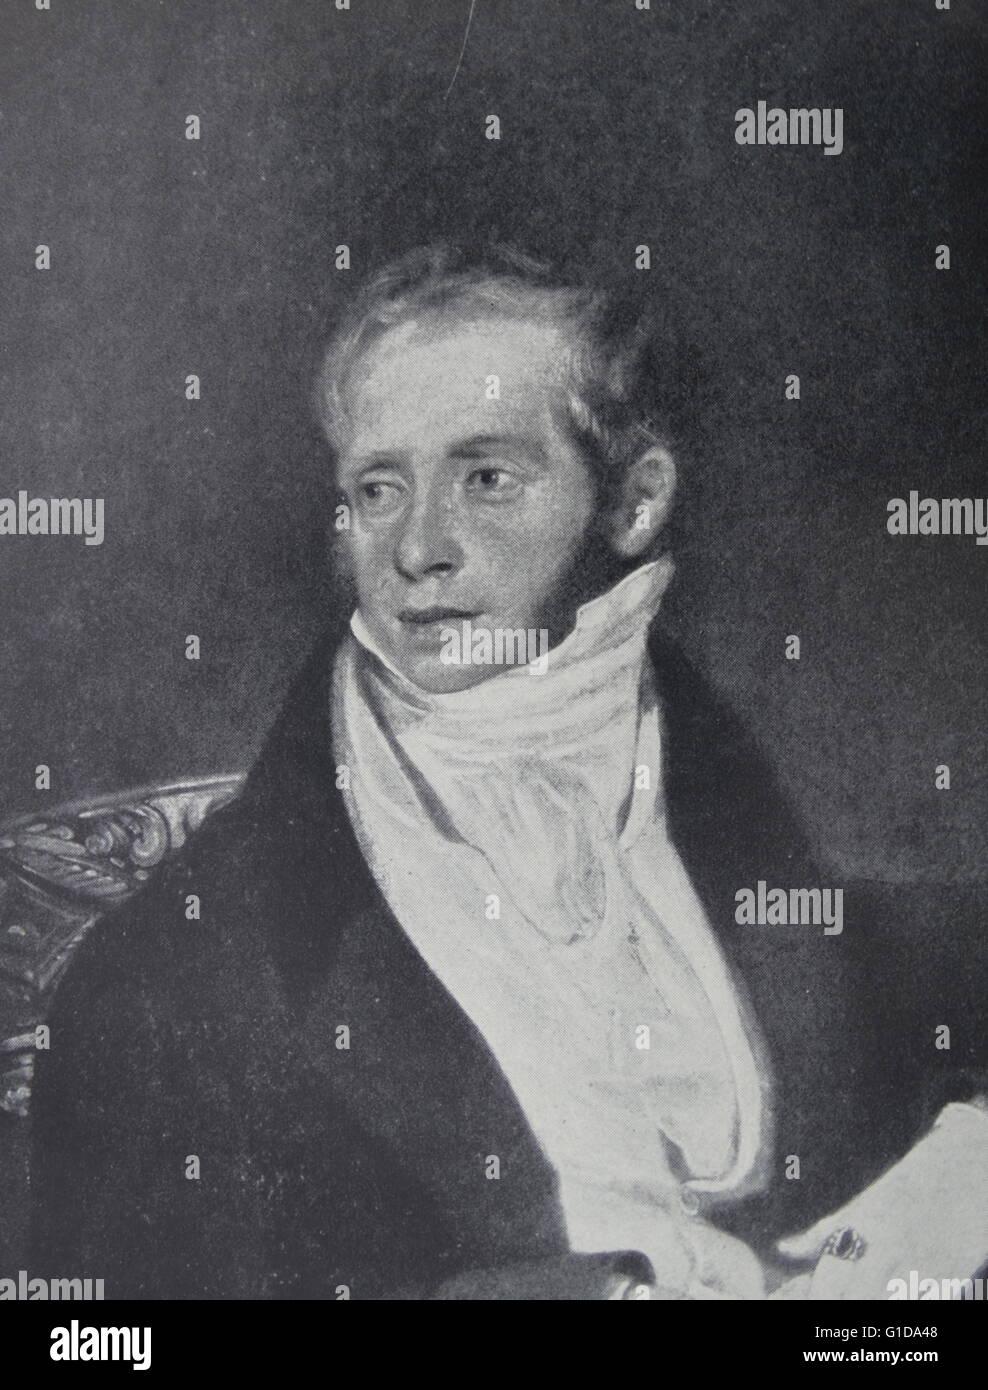 Baron Amschel Meyer von Rothschild (12 June 1773 – 6 December 1855) was a German Jewish banker of the Rothschild - Stock Image